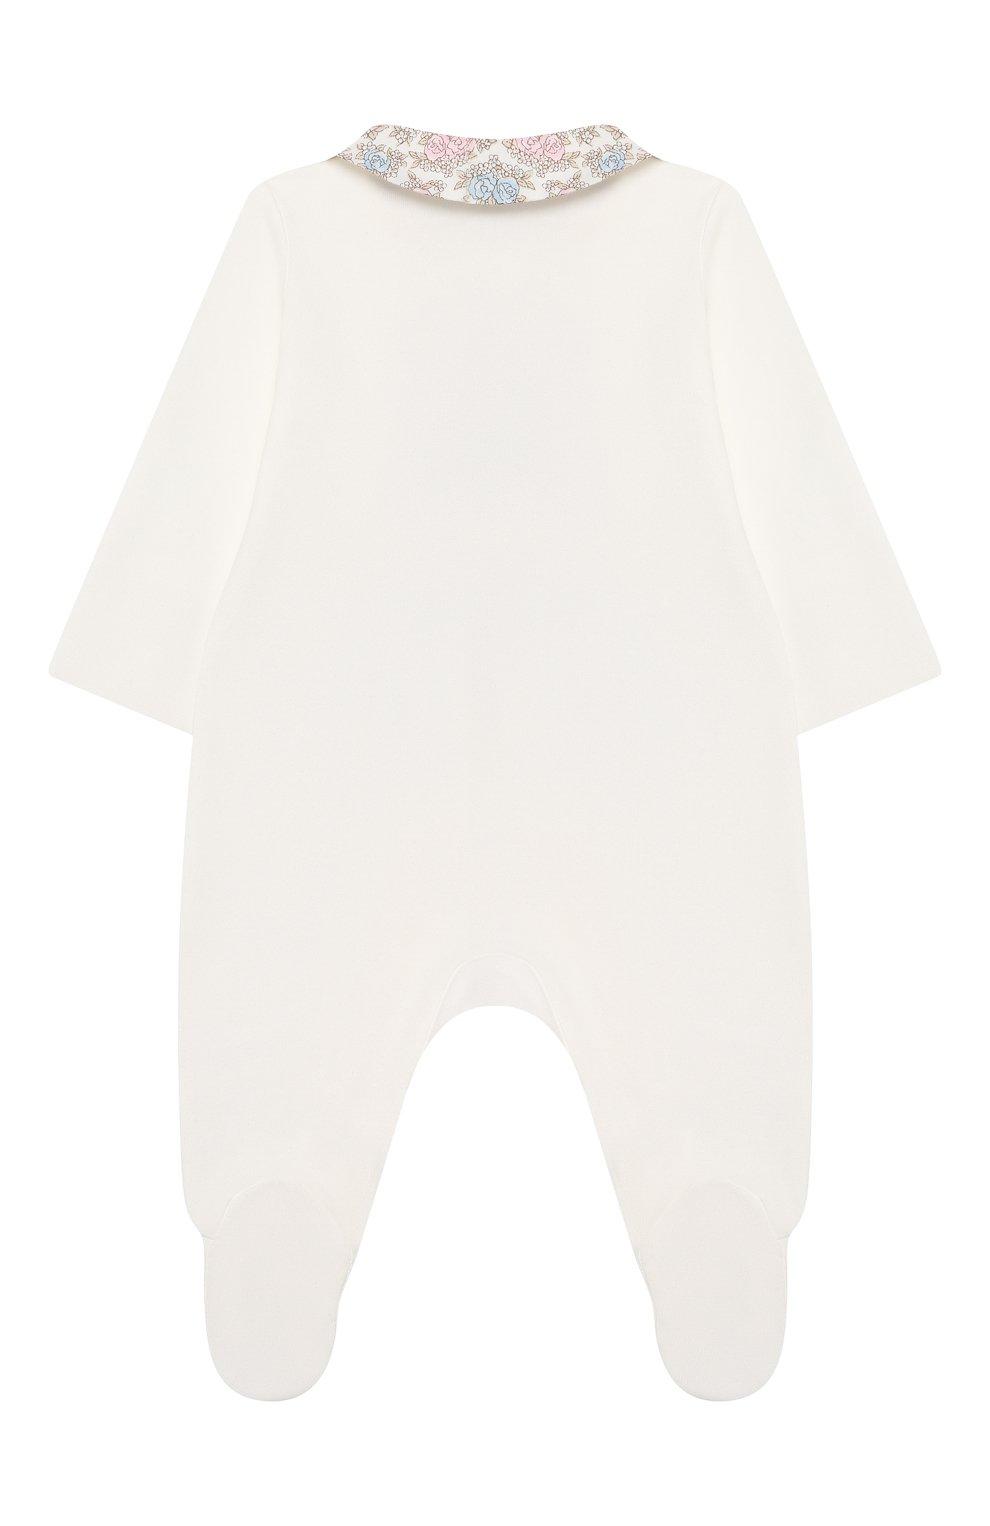 Детского комплект на выписку с пледом французский прованс CHEPE бежевого цвета, арт. 071440 | Фото 5